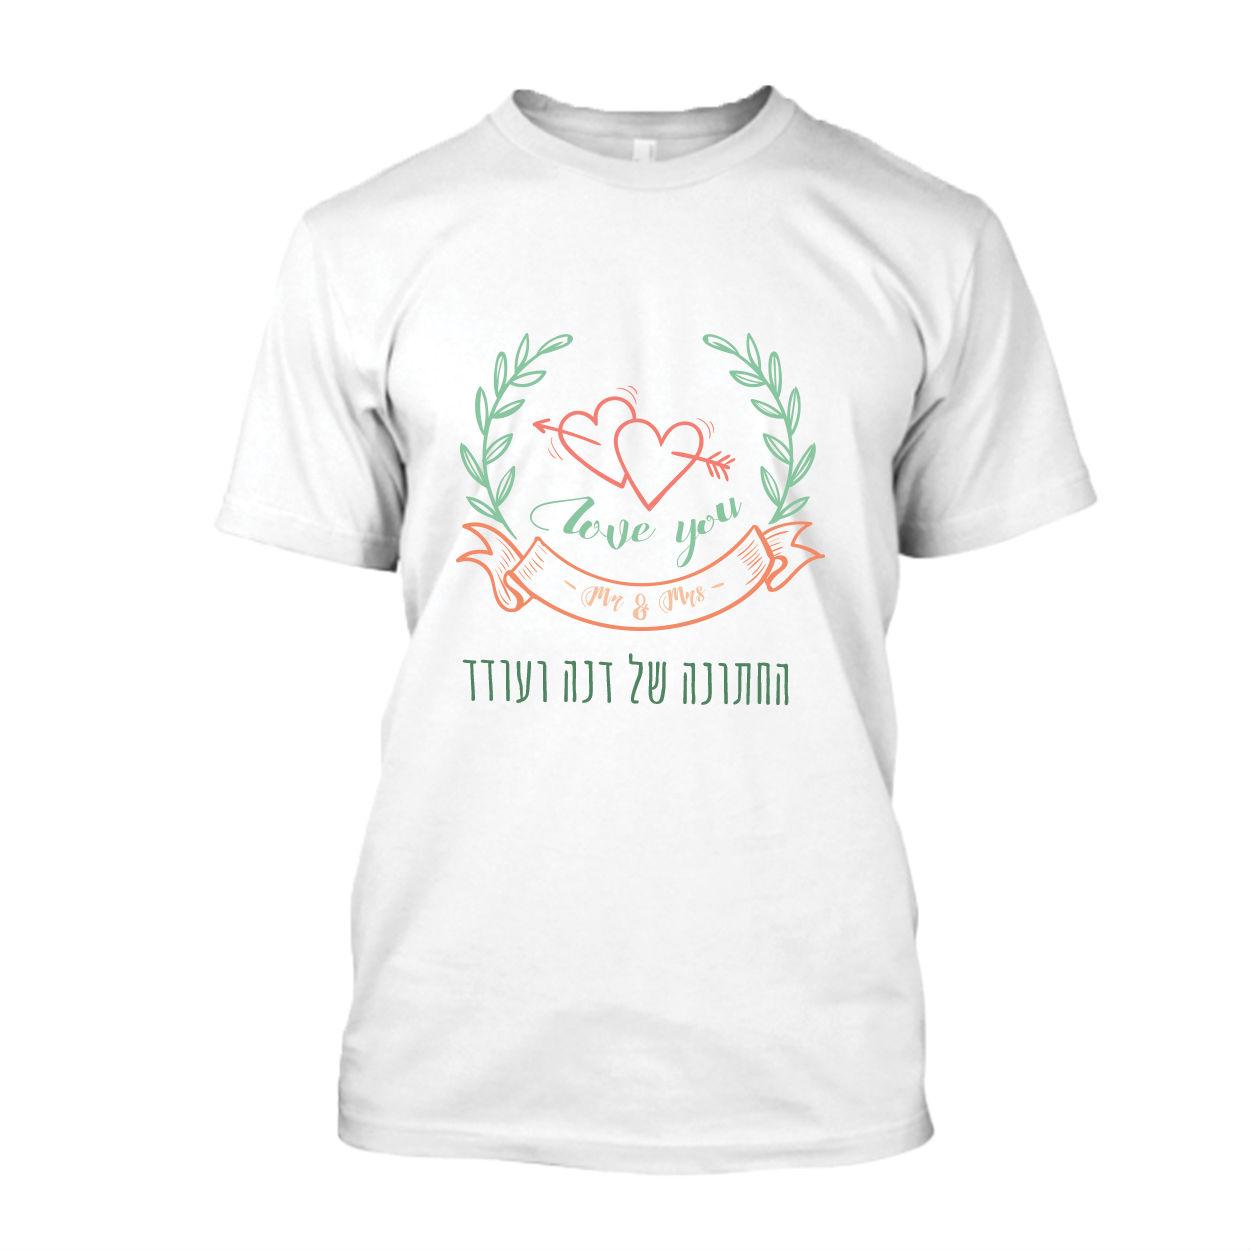 חולצת חתונה מודפסת   חולצות מודפסות לחתונות   חולצה לבנה לחתונה